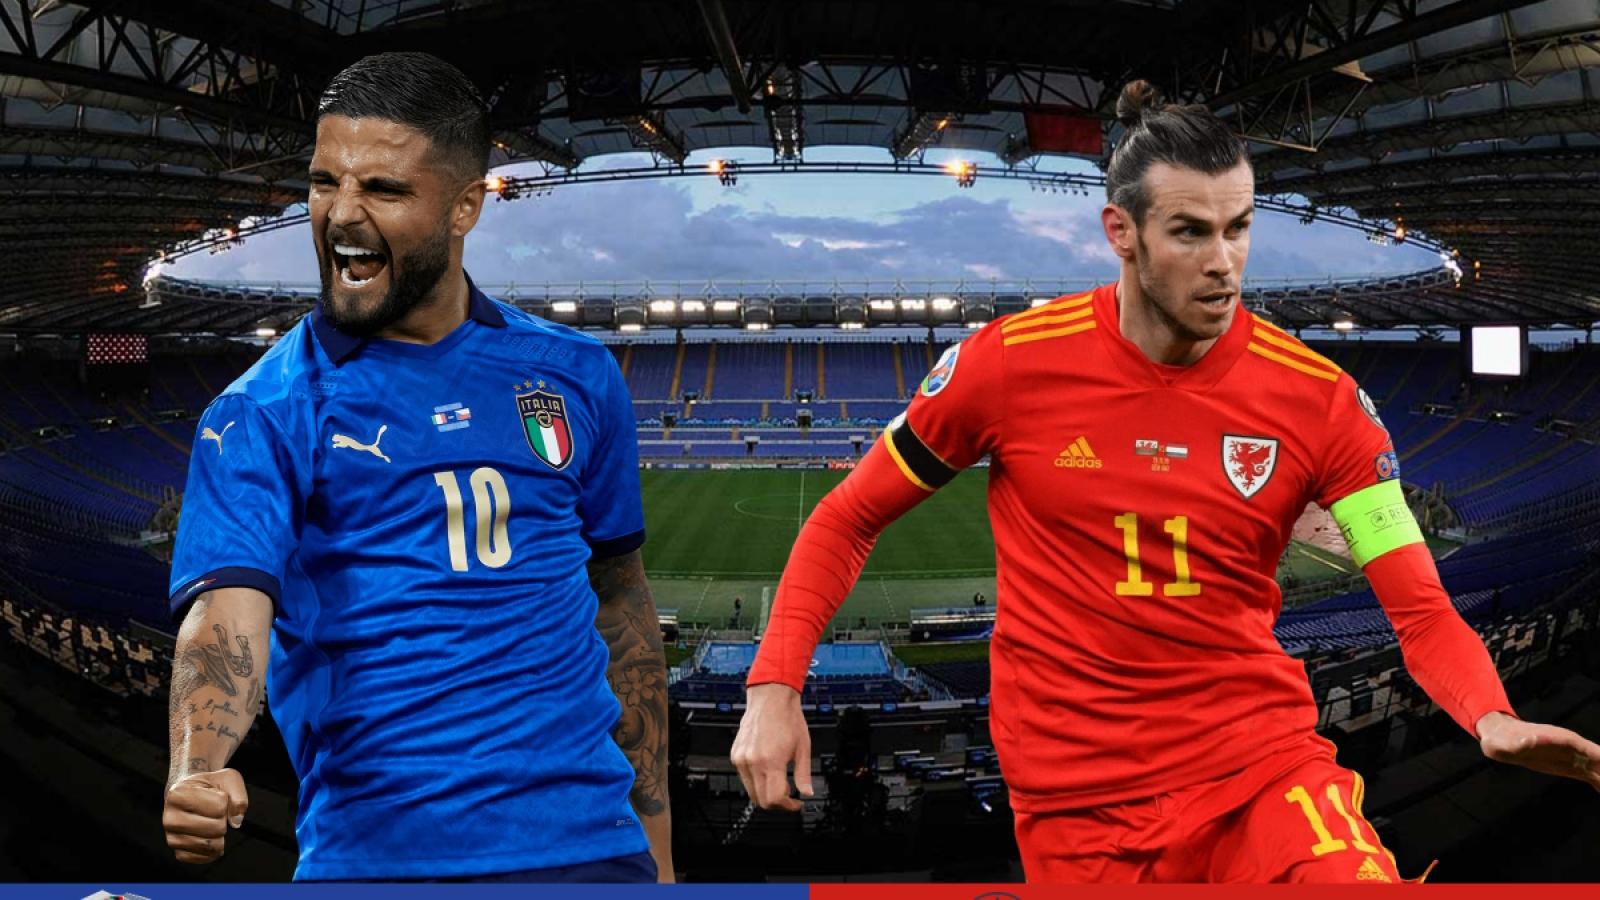 TRỰC TIẾP bóng đá Italia - Xứ Wales: Binh đoàn Azzurri thăng hoa